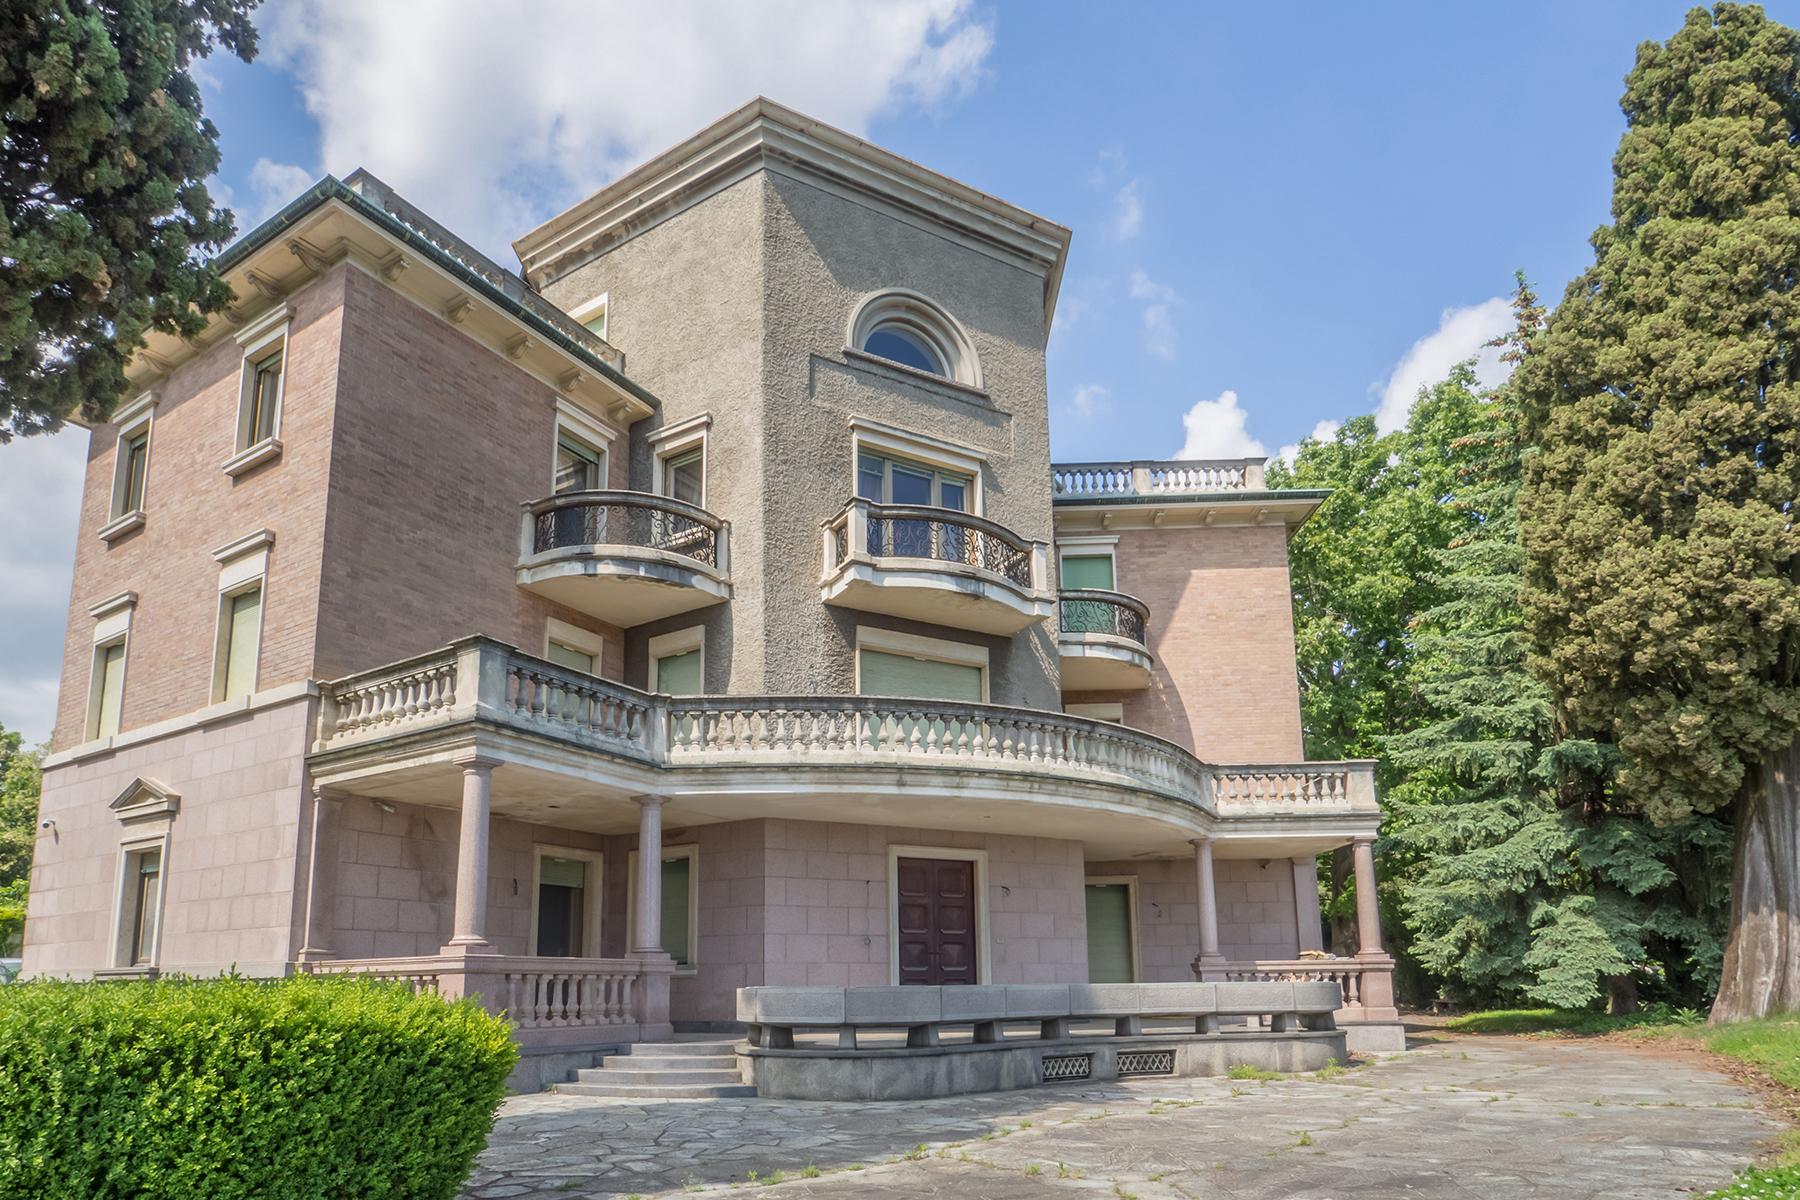 Appartamento in Vendita a Biella: 5 locali, 422 mq